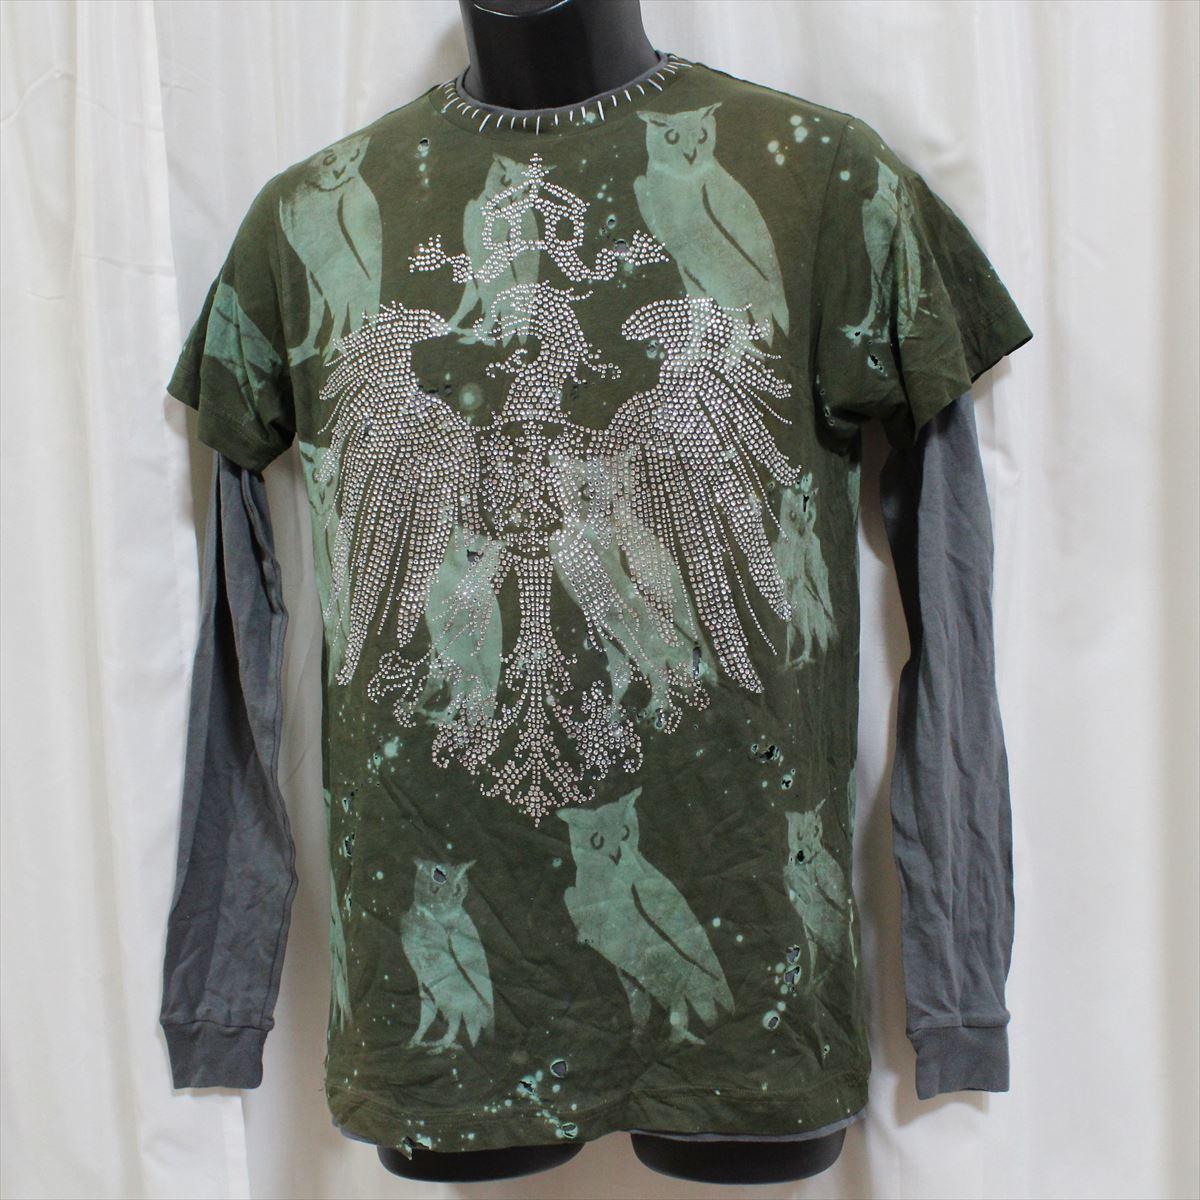 アイコニック ICONIC COUTURE メンズ長袖Tシャツ カーキグリーン Lサイズ 新品 ダブルスリーブ フクロウ アメリカ製_画像1